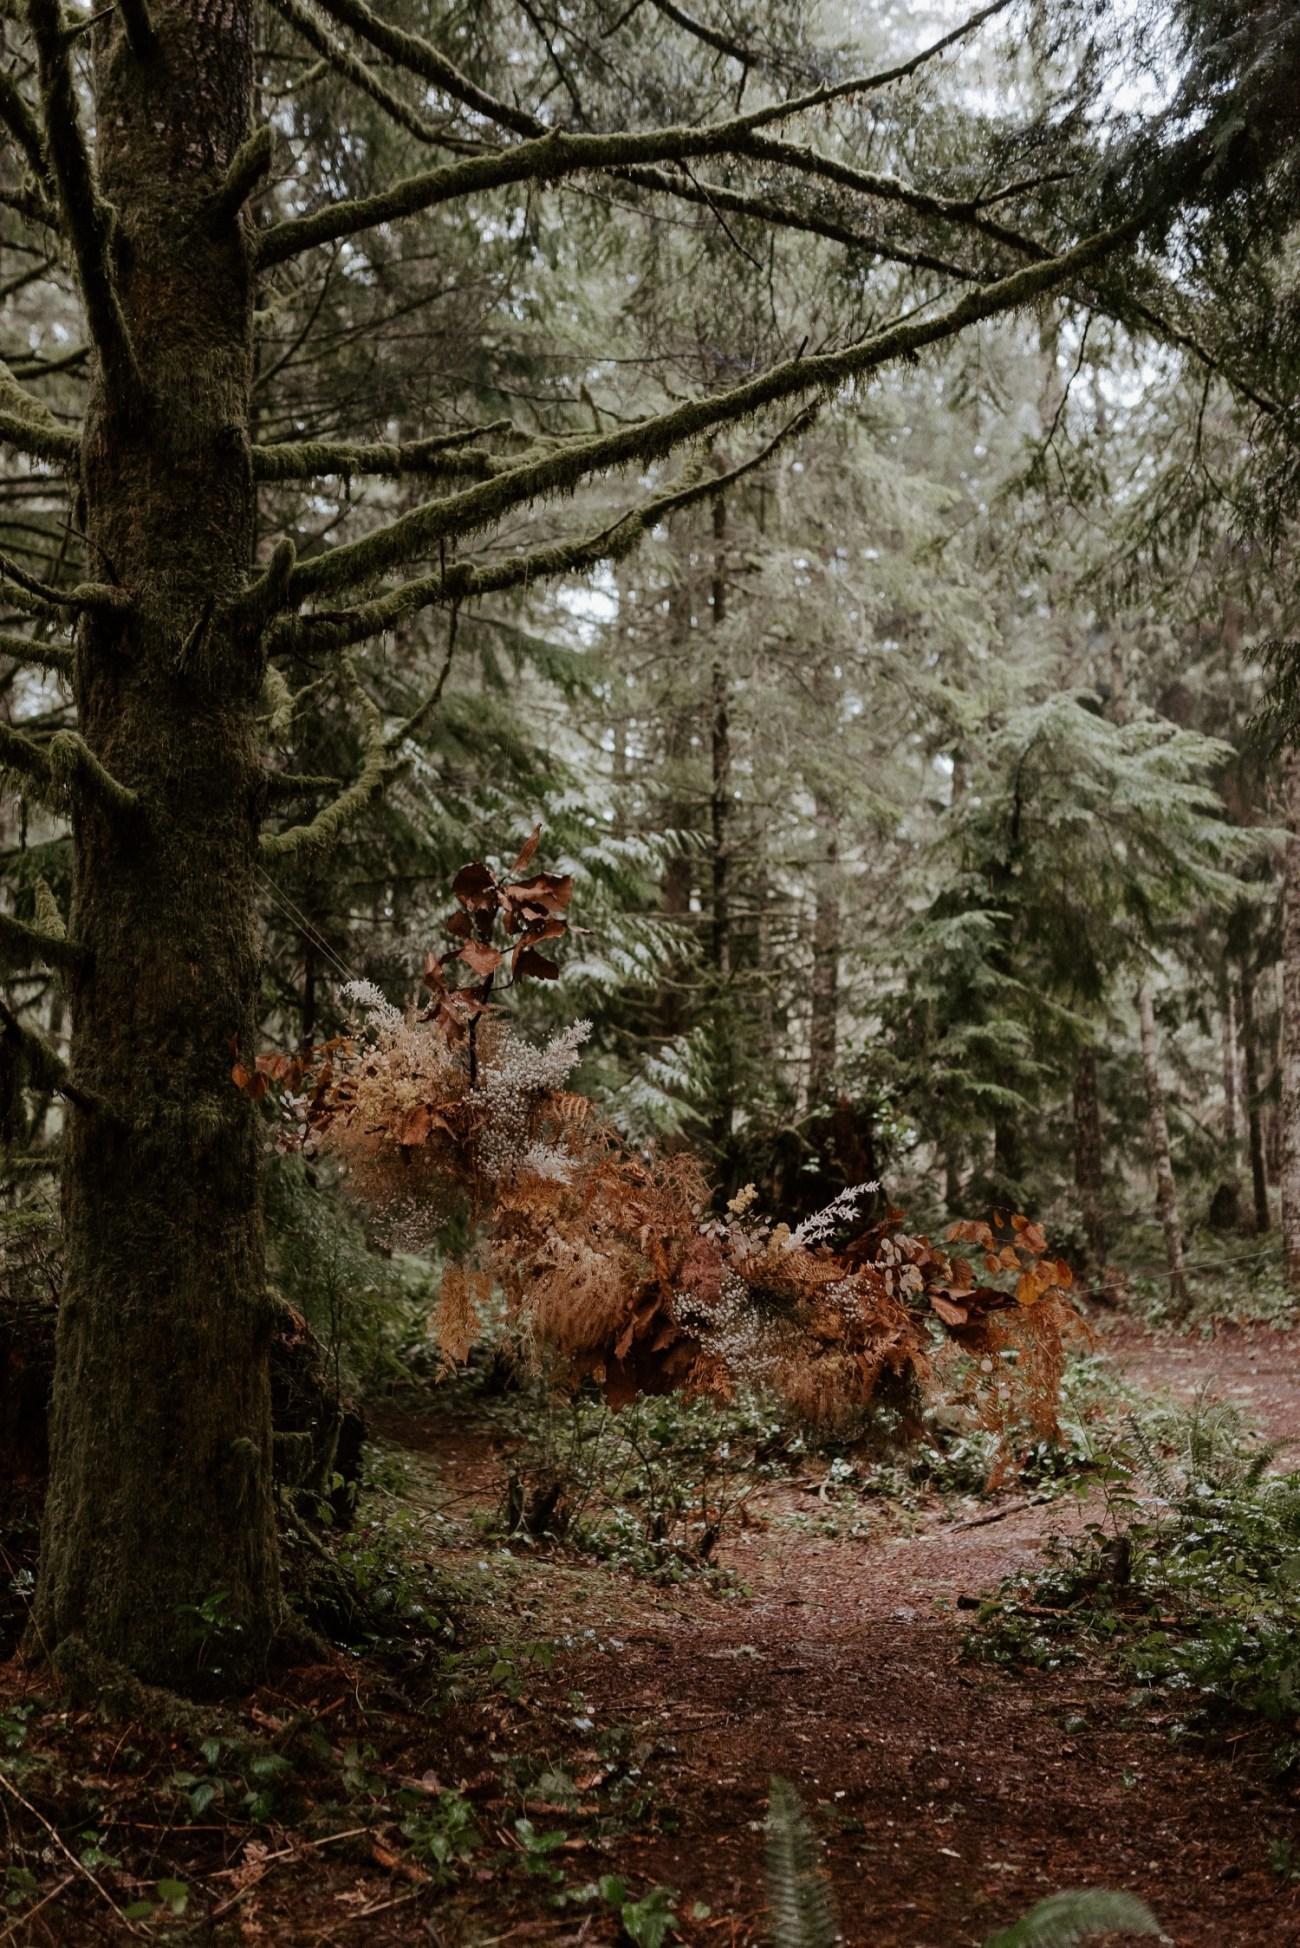 The Woodlands House Sandy Oregon Elopement Portland Elopement Photographer PNW Adventurous Elopement Anais Possamai Photography 011